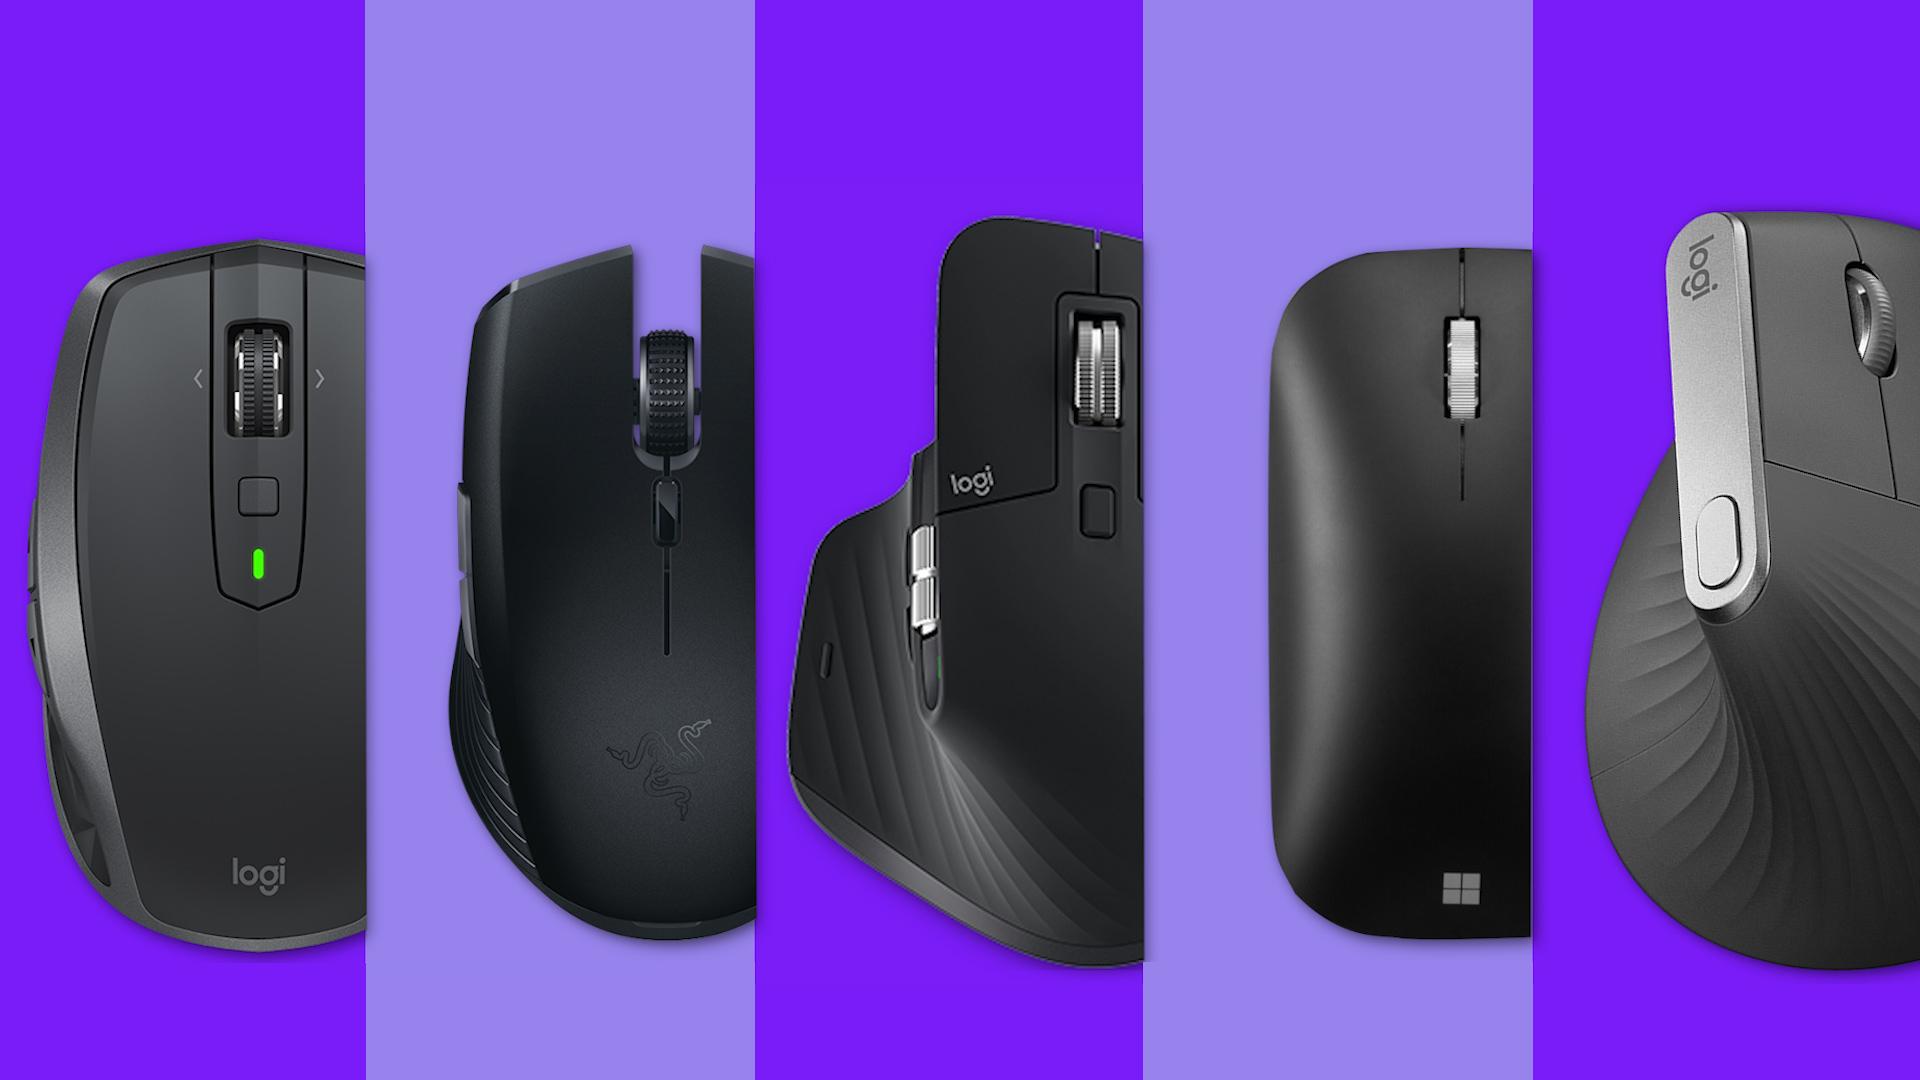 Les meilleures souris Bluetooth pour votre PC, iPad ou tablette Android